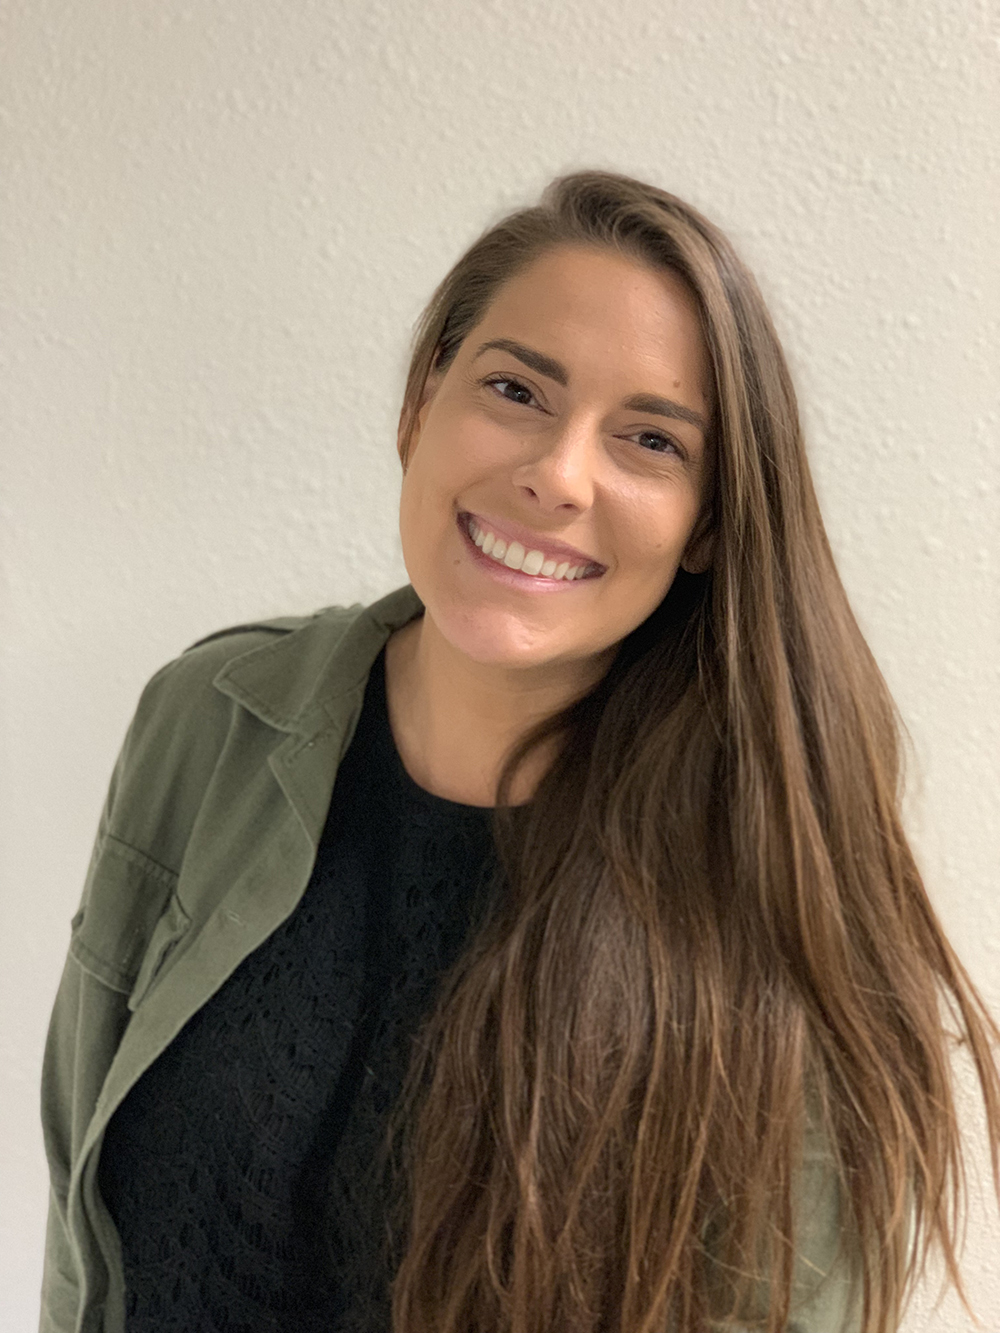 Danielle Brisbane M.A, CCC-SLP